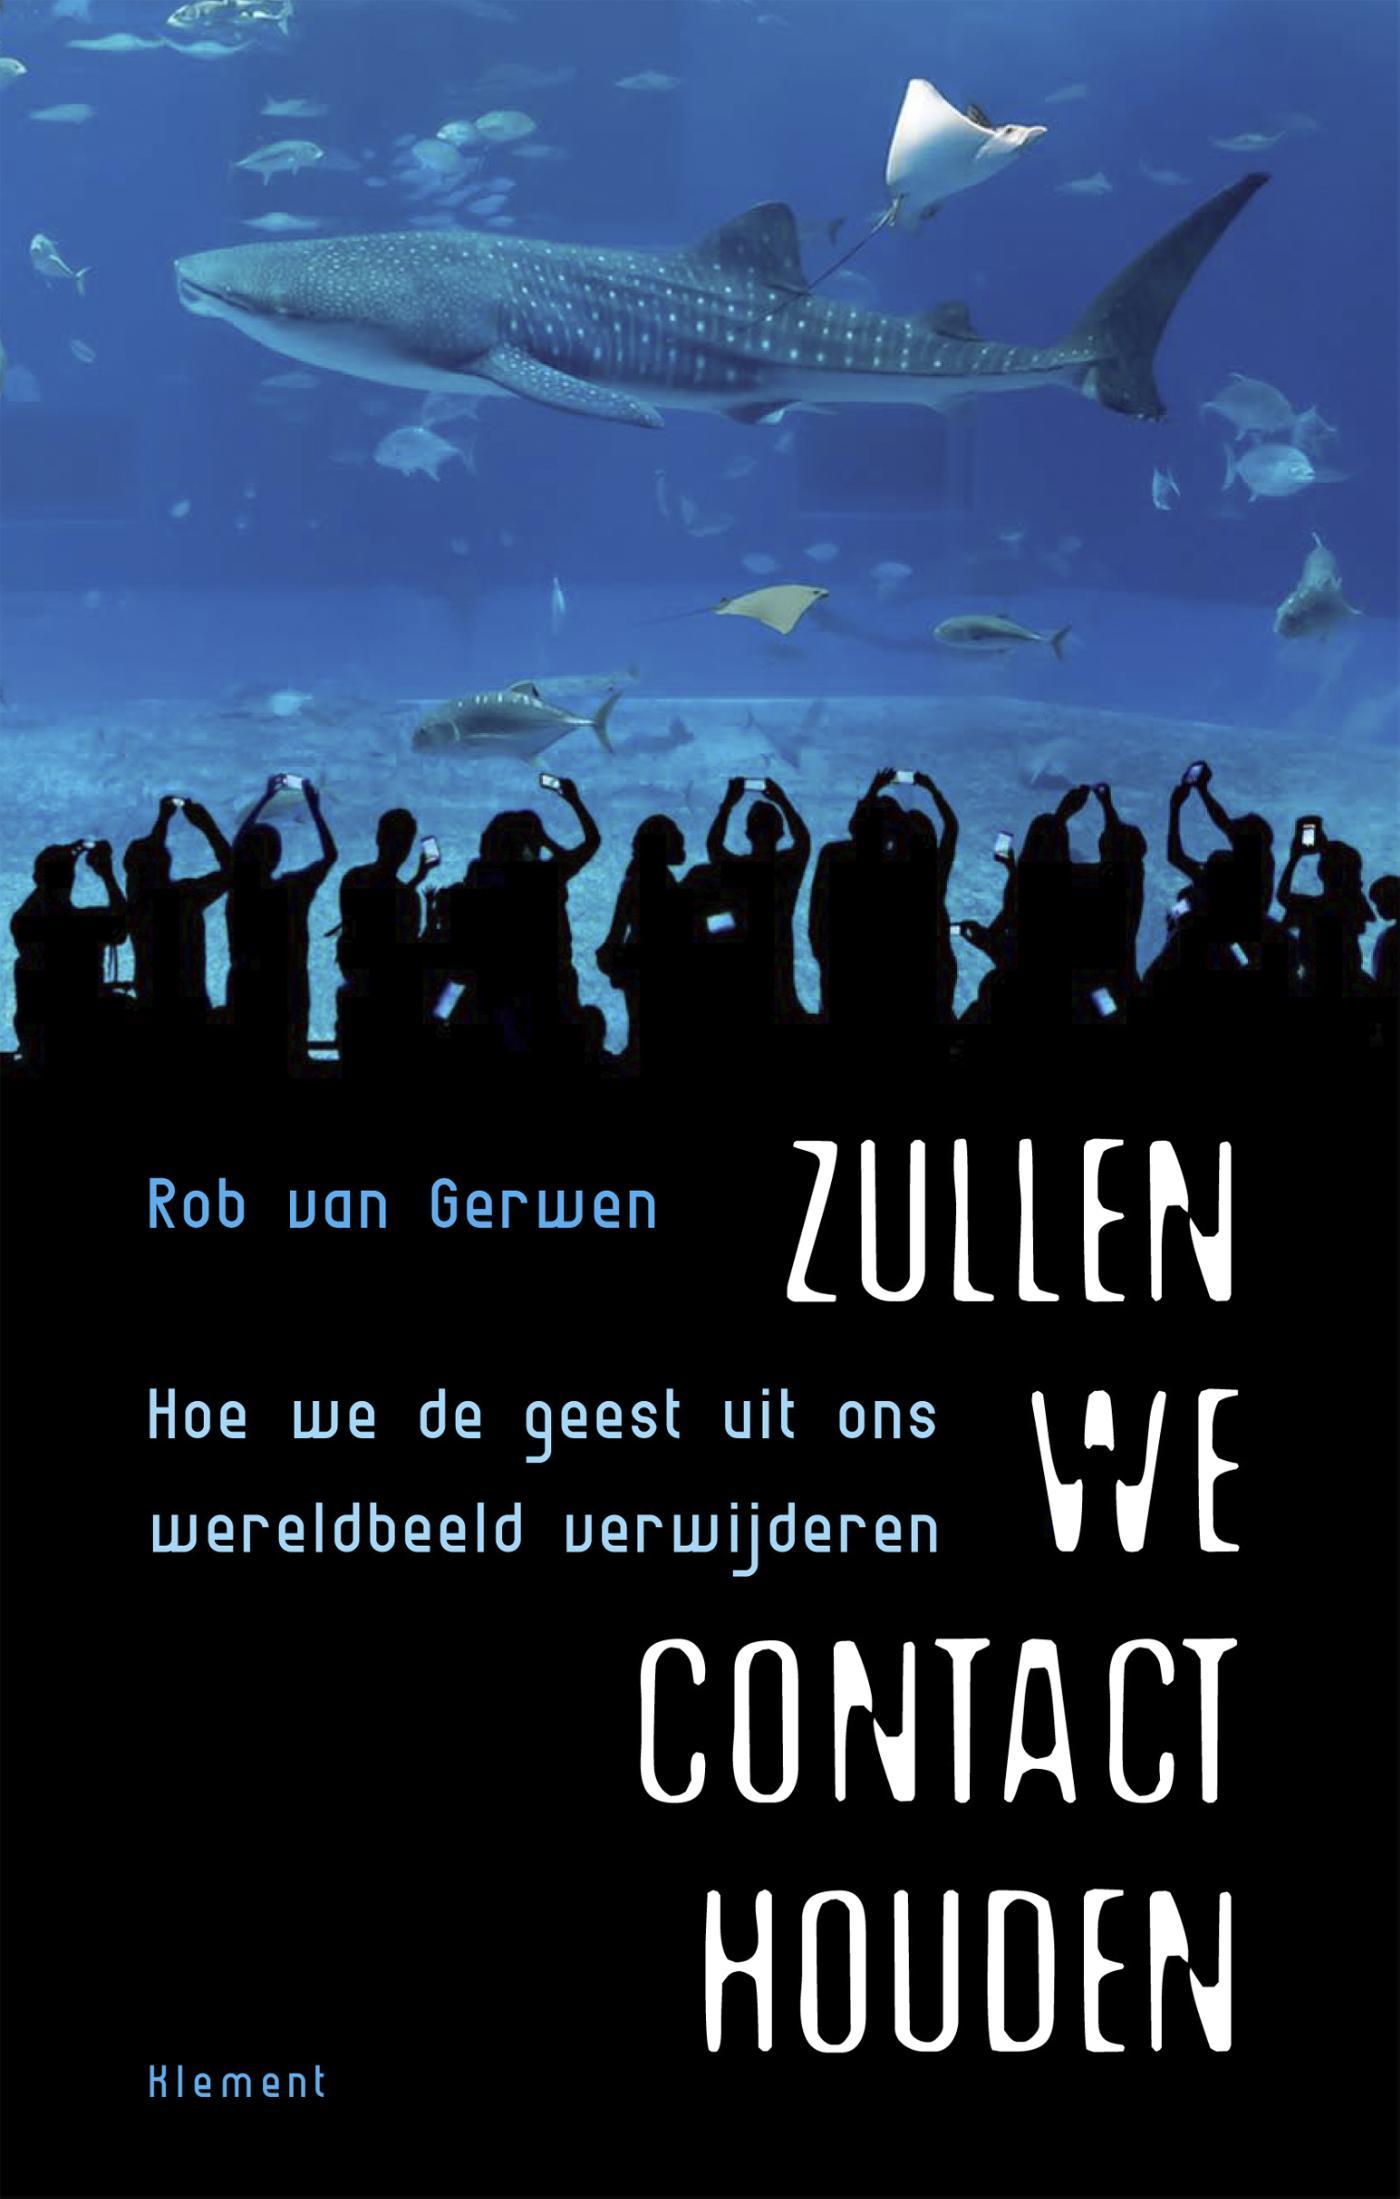 Rob van Gerwen: Zullen we contact houden